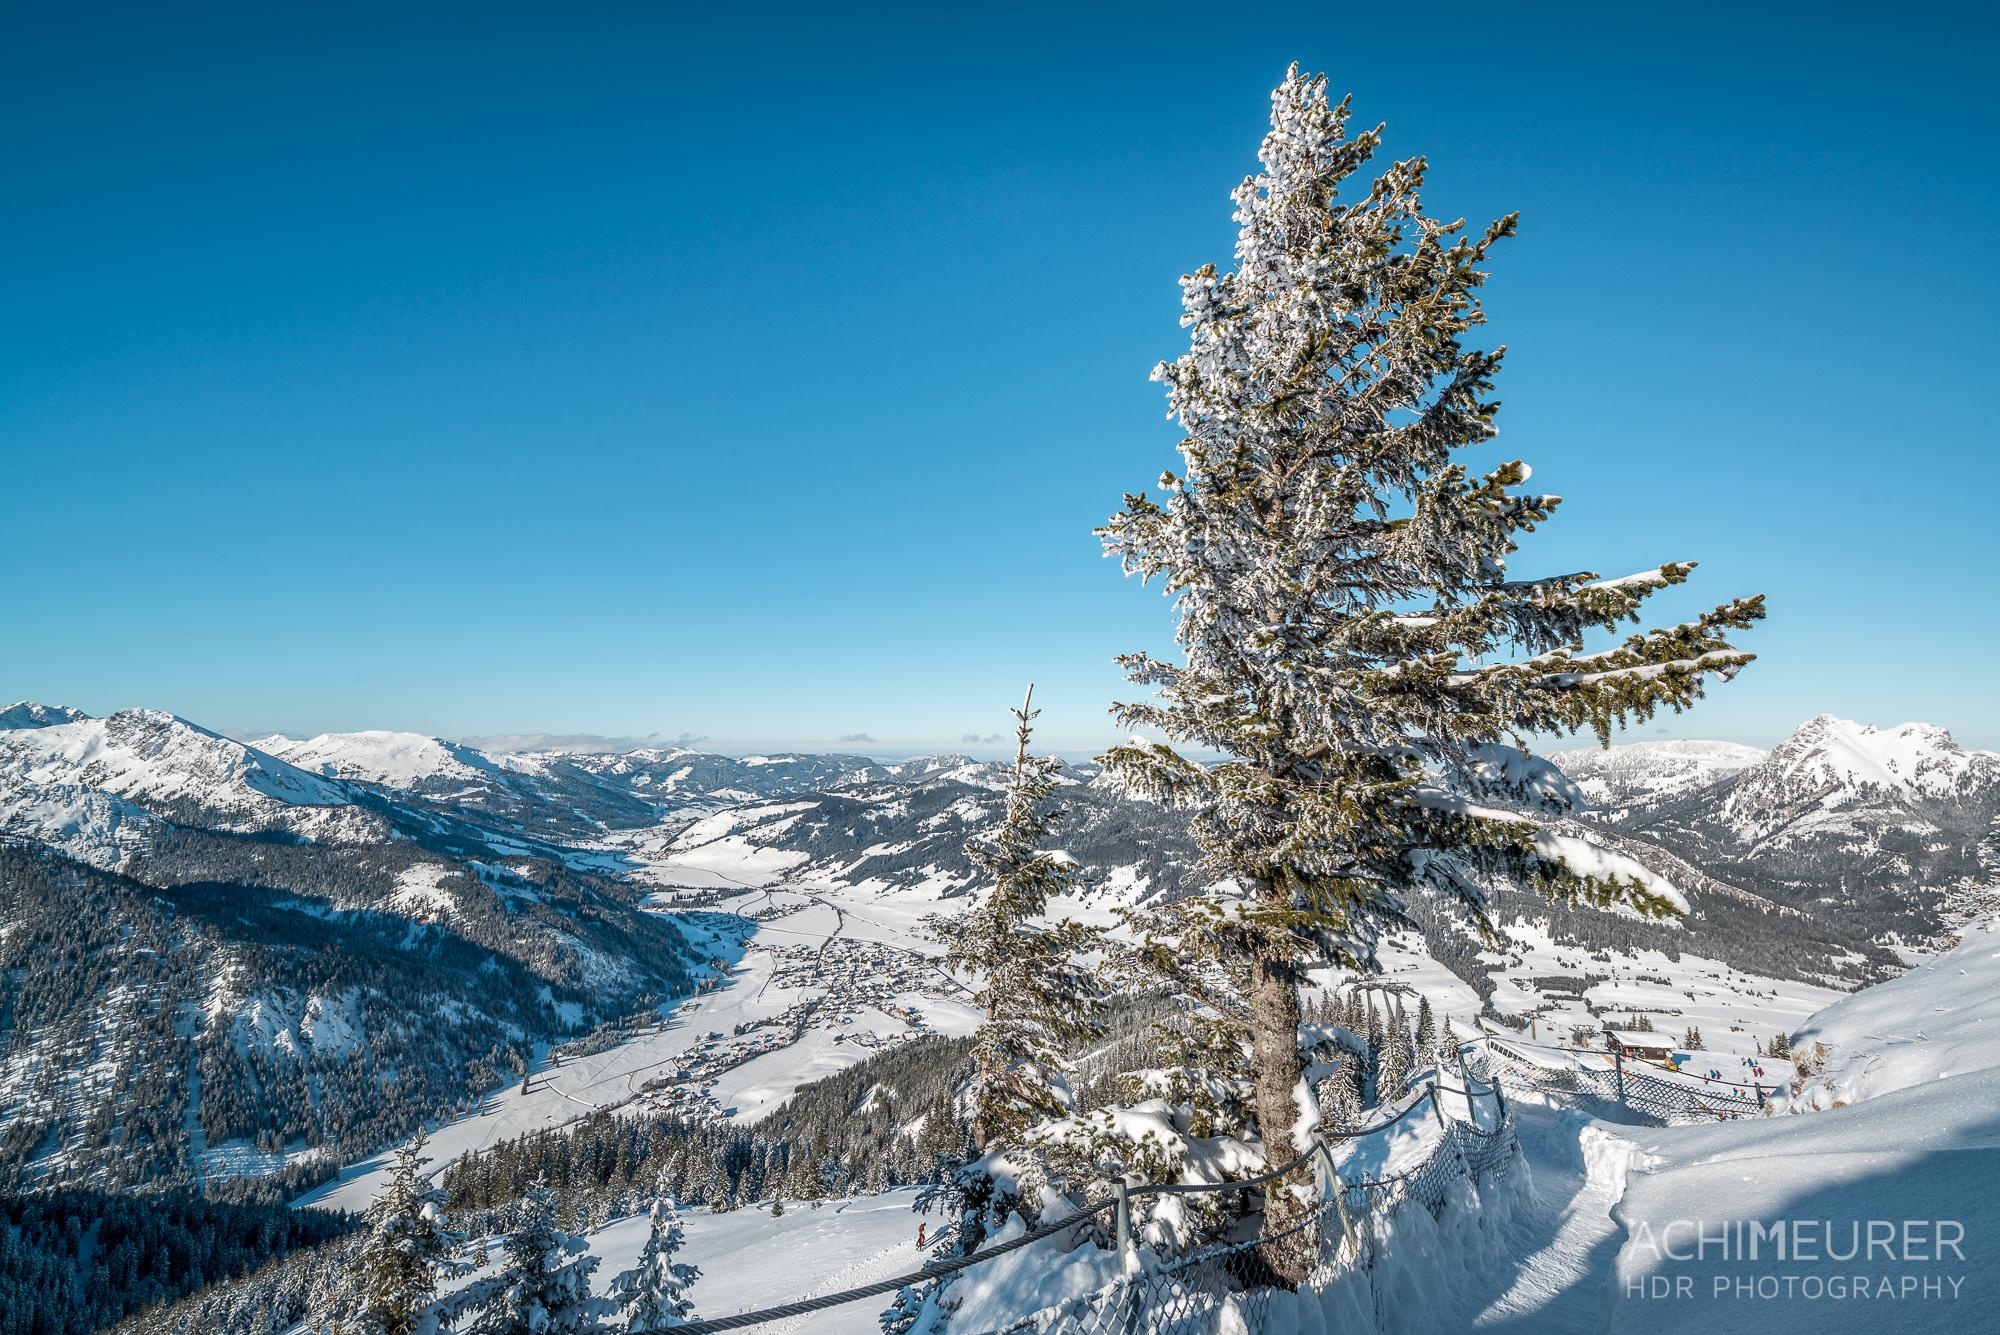 Die-schoensten-Winterfotos-Winterlandschaft-17 by Achim Meurer.